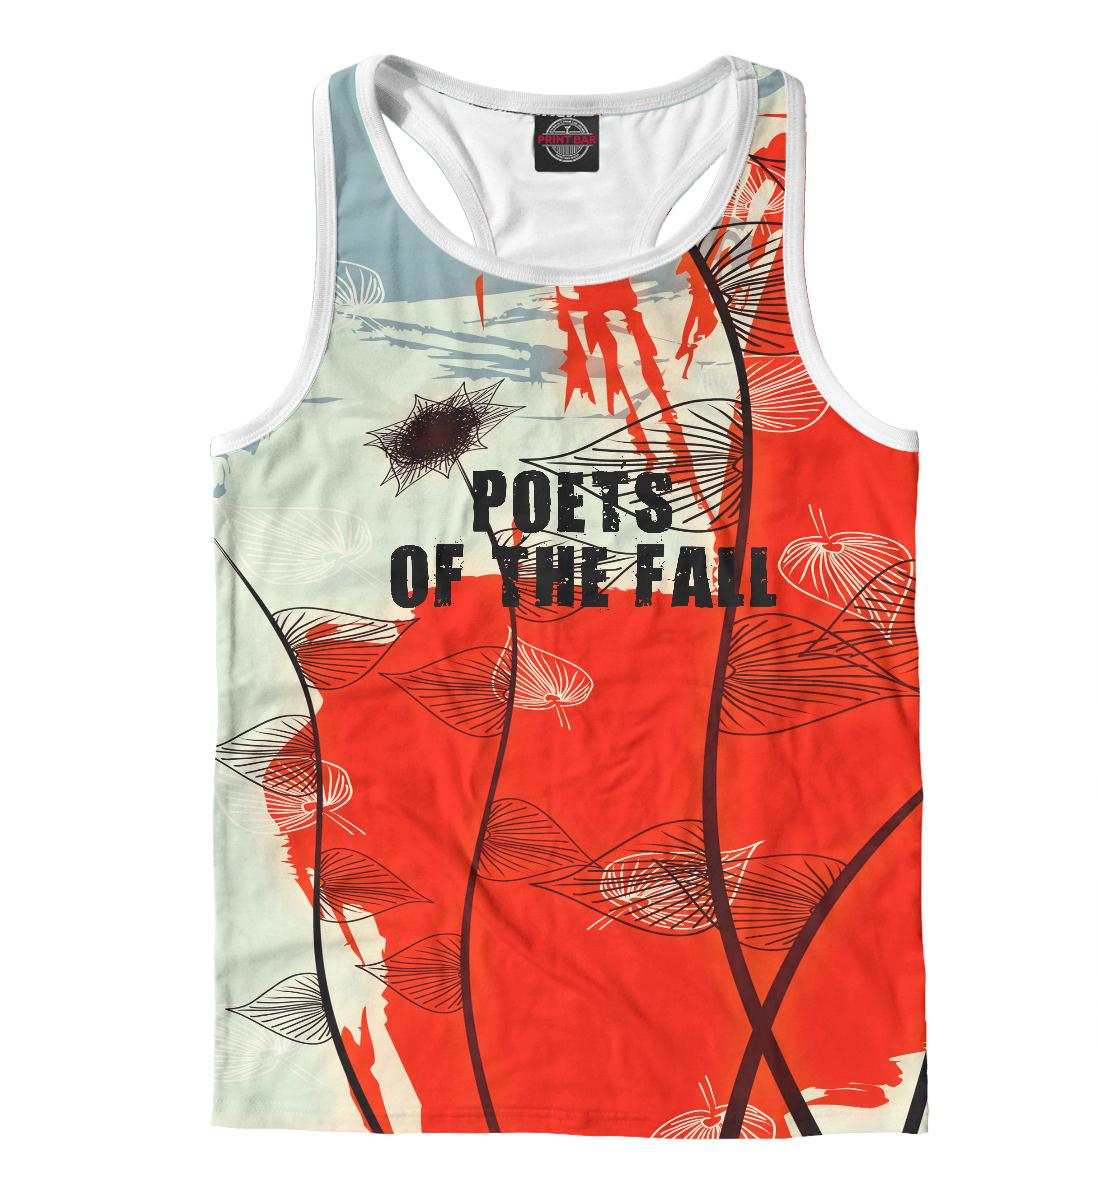 Купить Poets of the fall, Printbar, Майки борцовки, MZK-219057-mayb-2